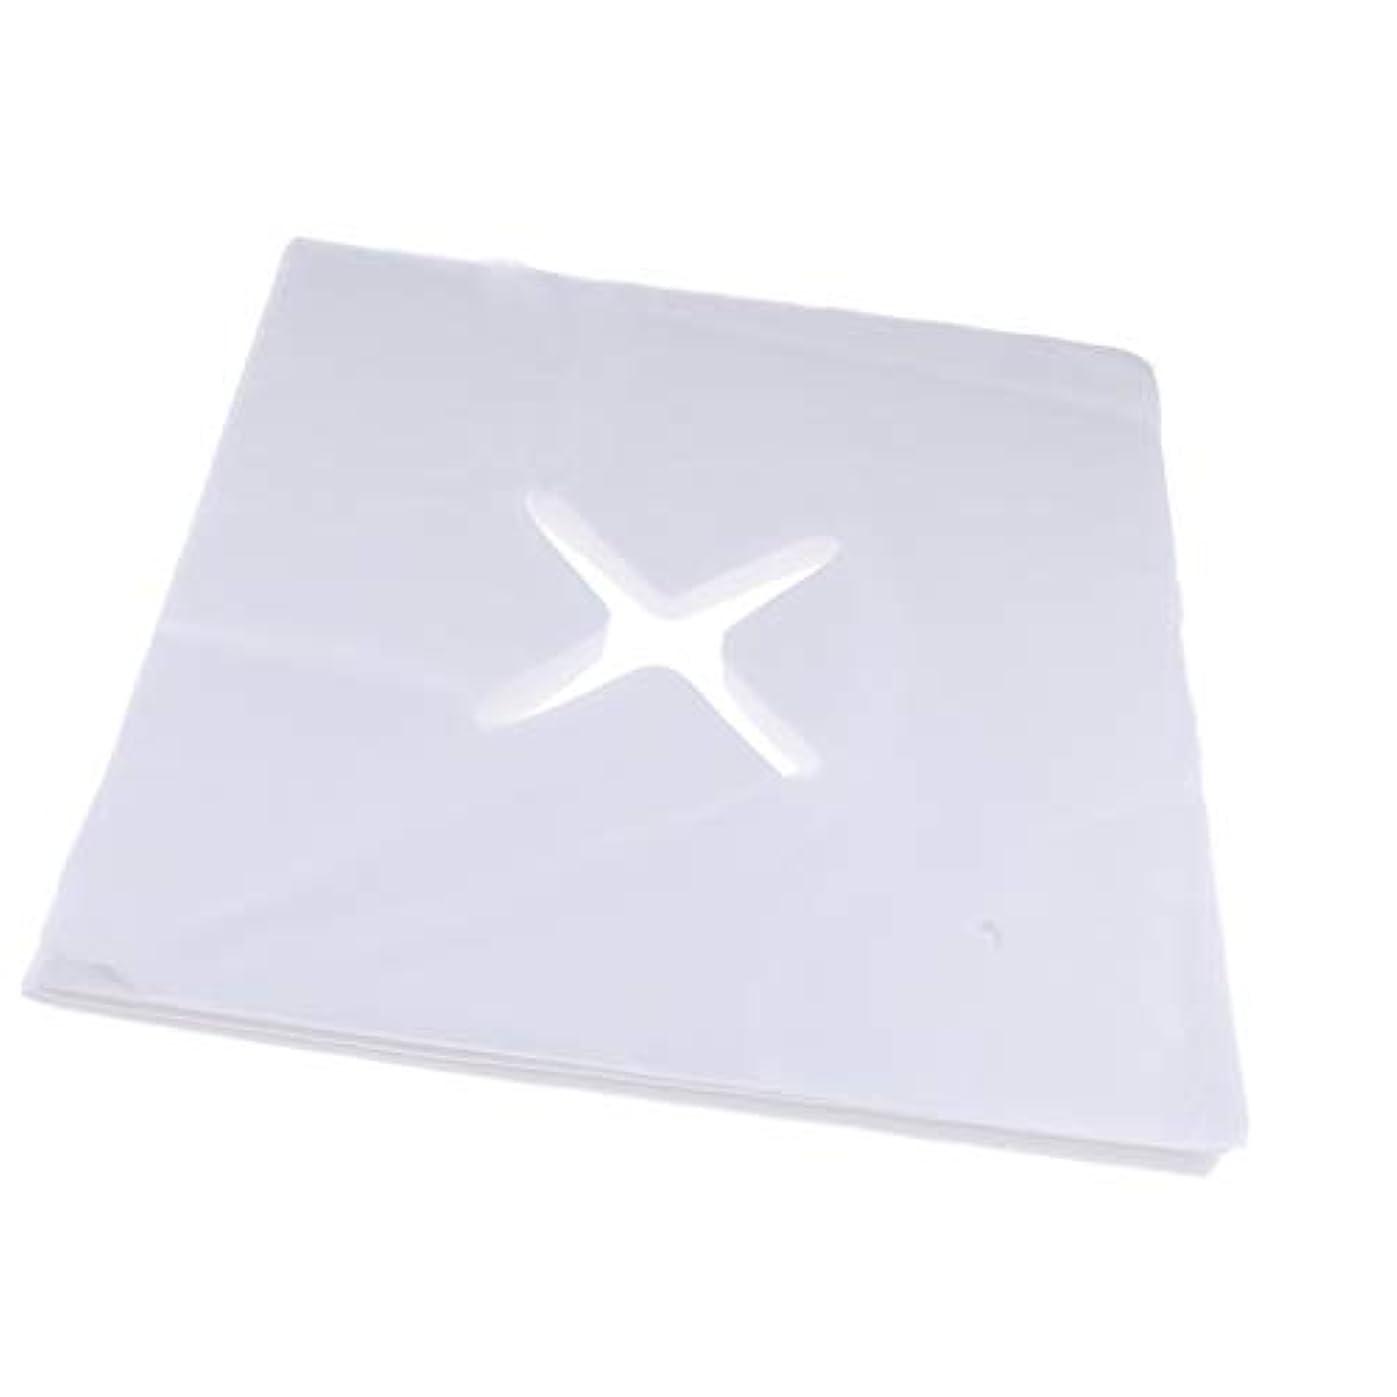 不当風変わりなリズムFLAMEER 約200枚 十字カット 使い捨て ピローシート フェイスカバー 枕カバー クッション S/M - L